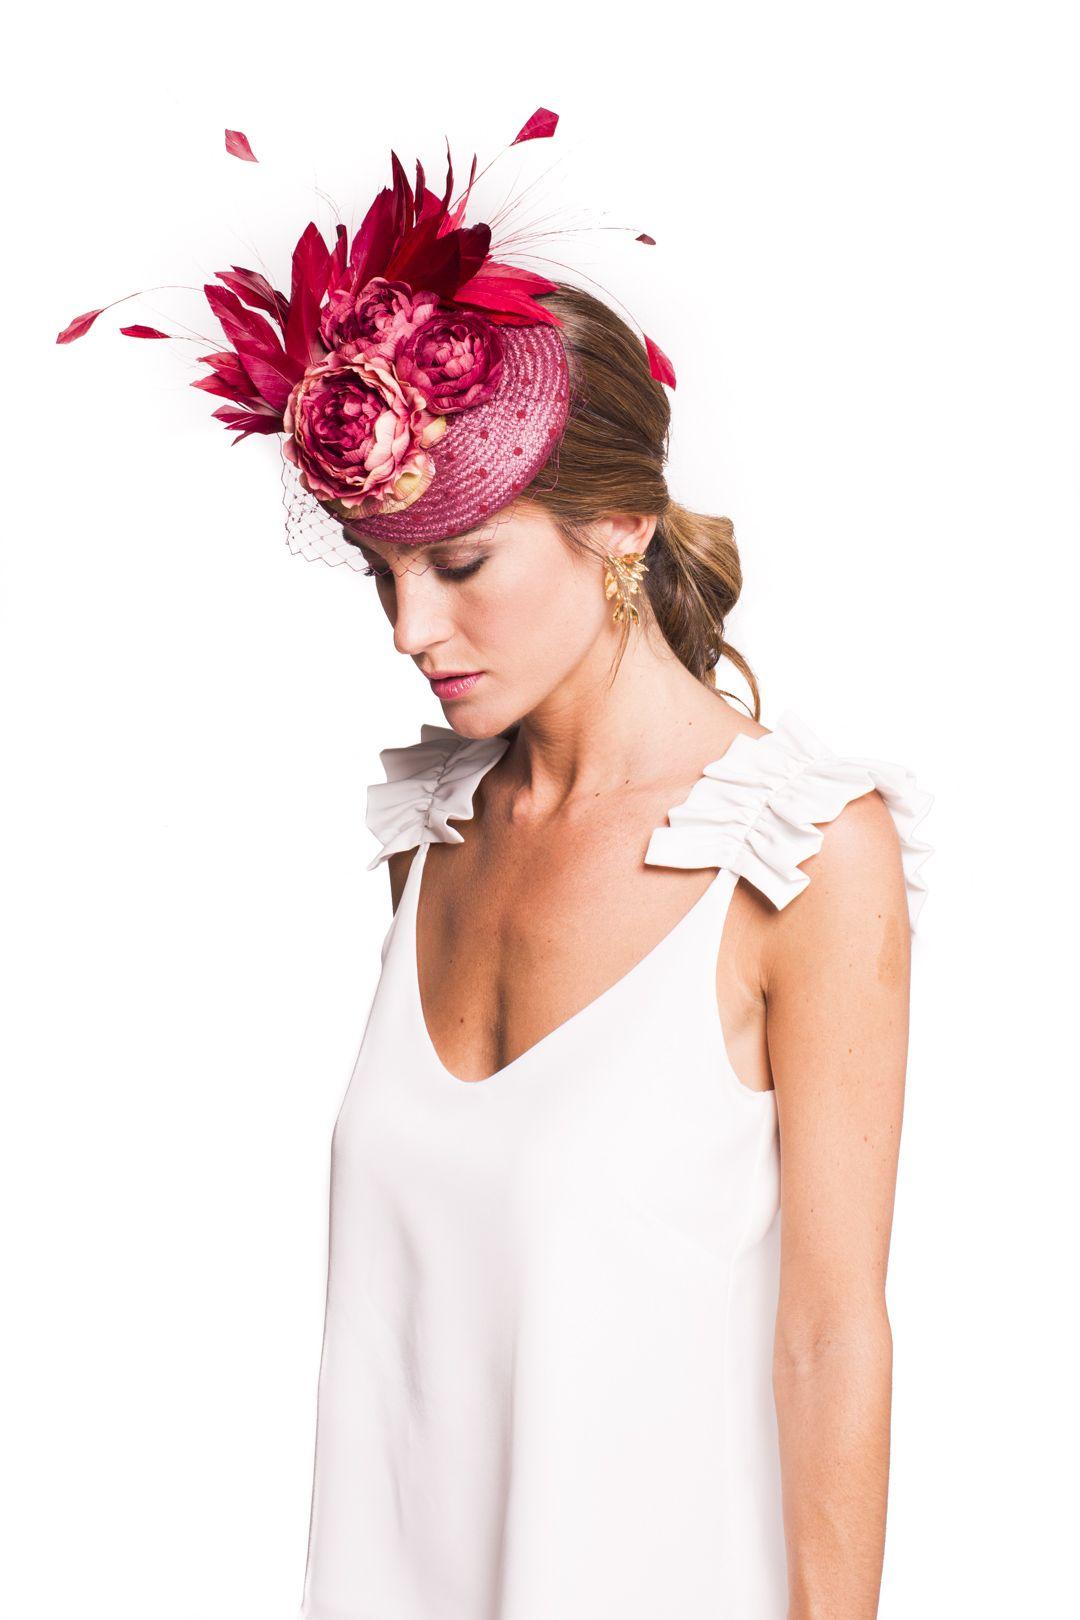 86cdf90be3646 Tocado casquete color burdeos forrado de plumeti a tono. Va decorado con 3  flores y plumas del mismo color. Lleva también un velito.